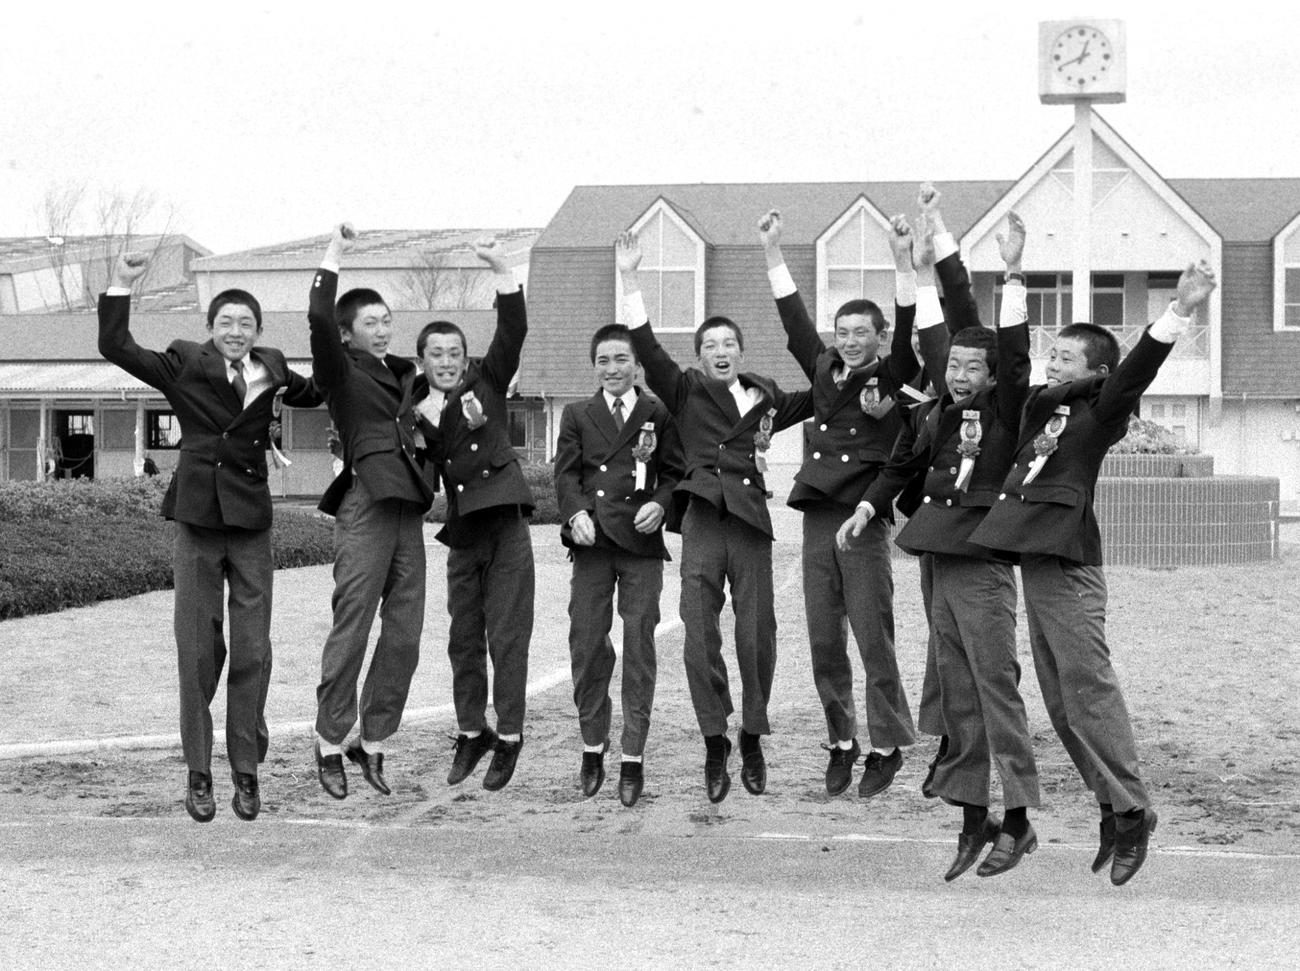 87年度騎手課程生卒業式でジャンプする(左端から)武豊、蛯名正義